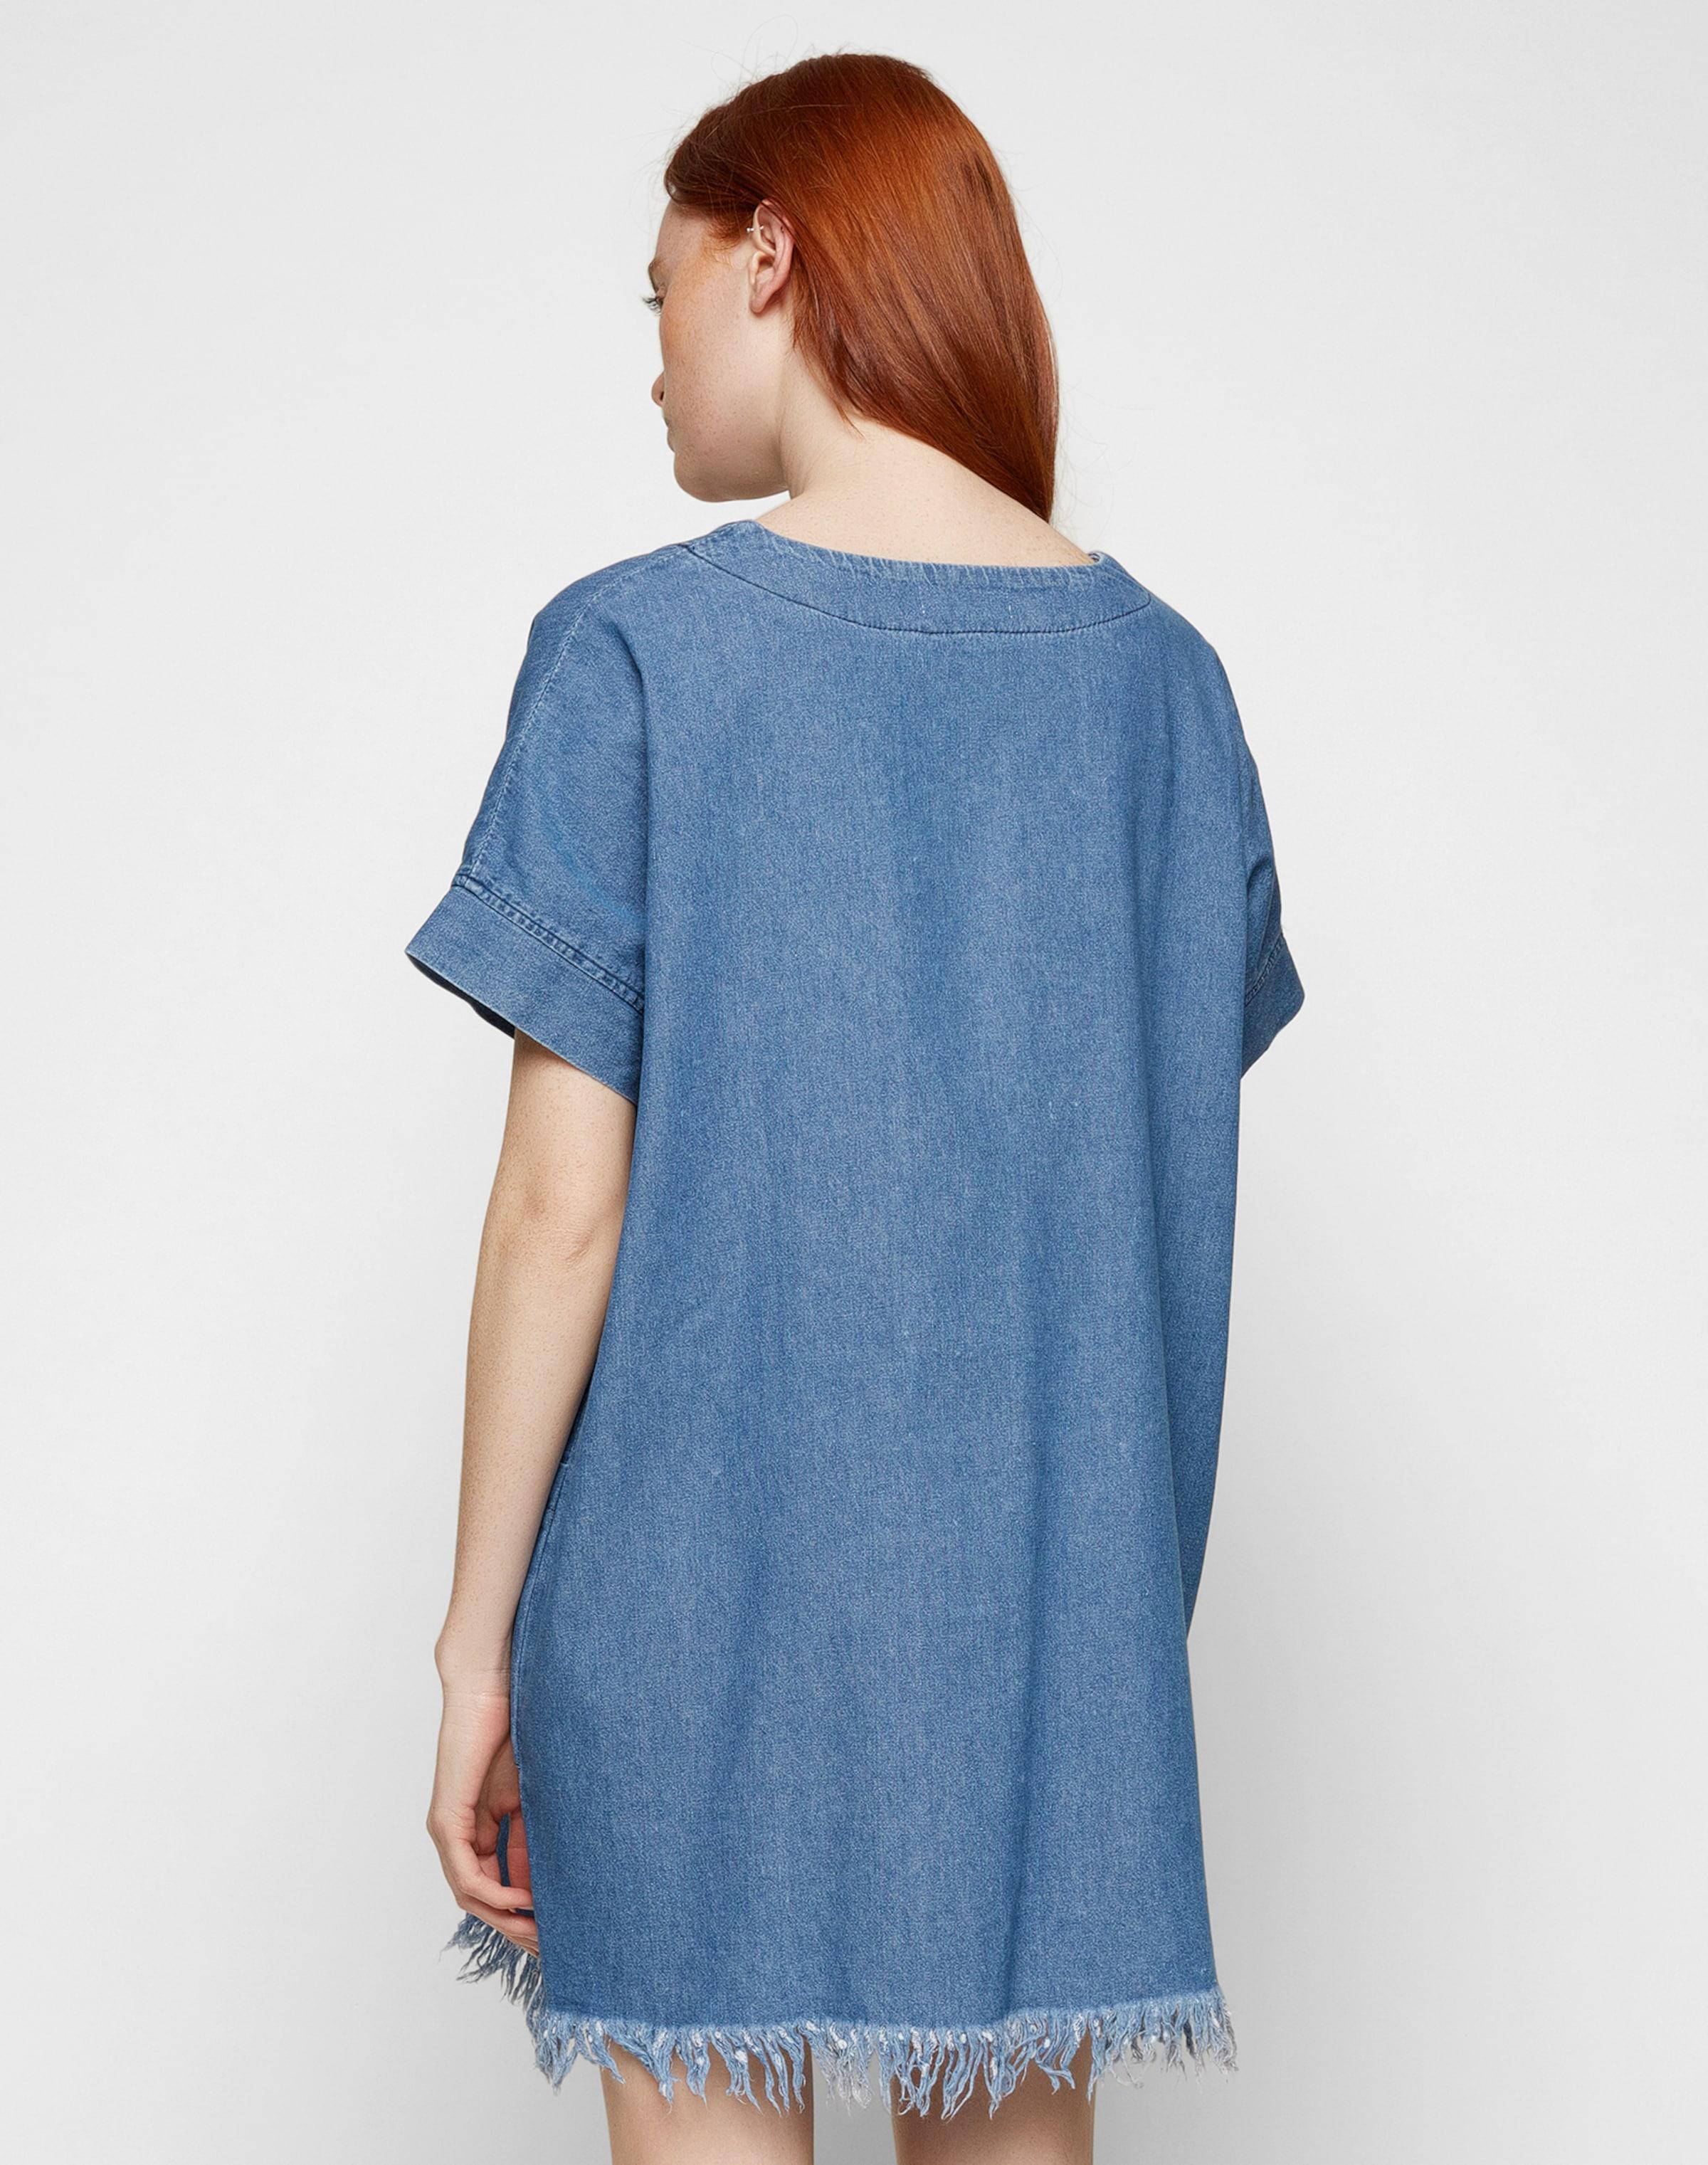 Versand Outlet-Store Online Spielraum Niedriger Preis GLAMOROUS Oversize Kleid 'CK3664' Billig Rabatt Spielraum Online-Shop 6Zfog